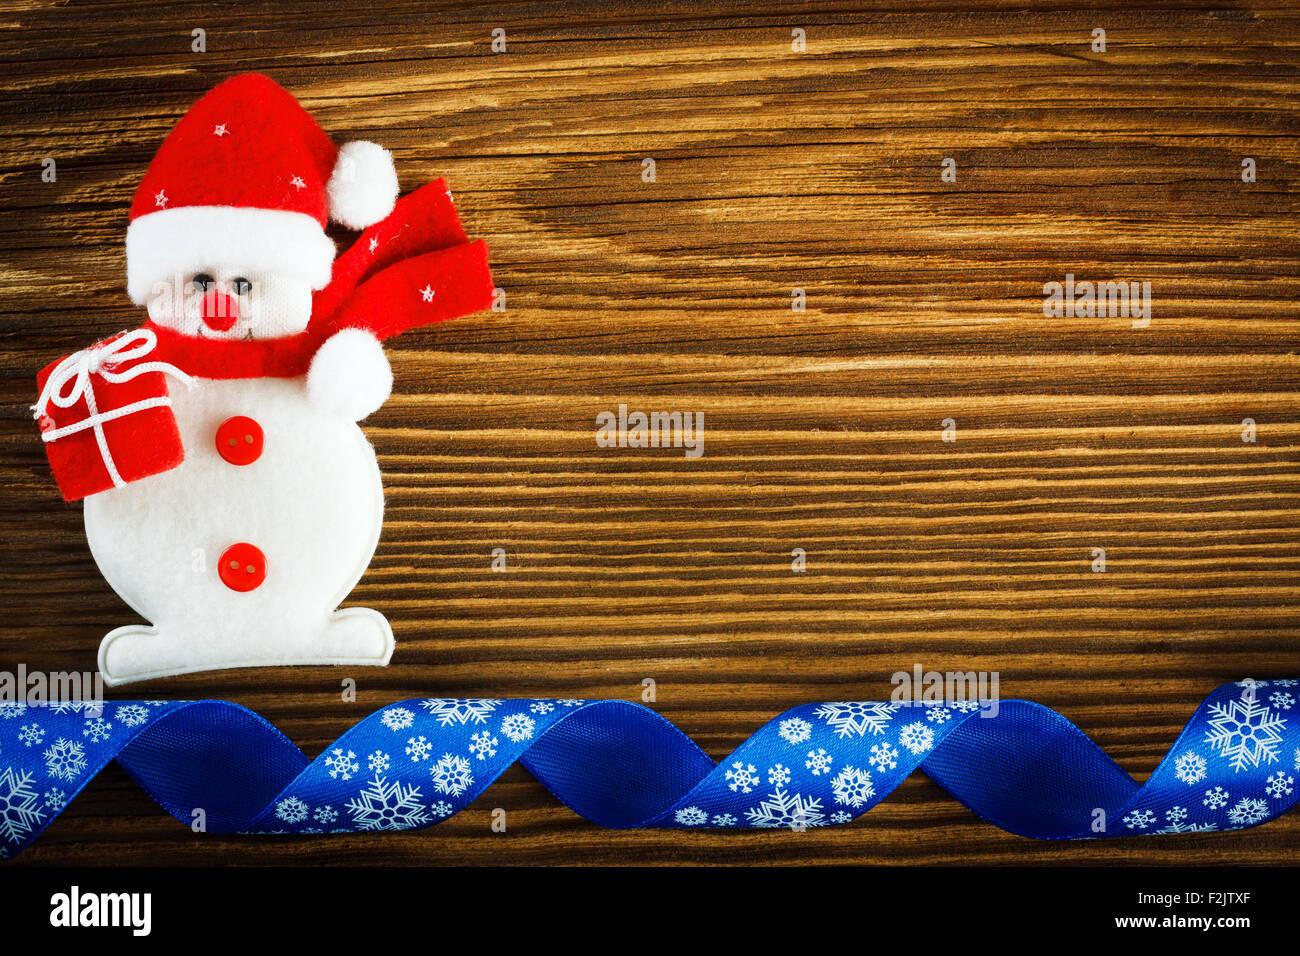 Fondo de Navidad - Muñeco de nieve y blue ribbon sobre mesa de madera Imagen De Stock